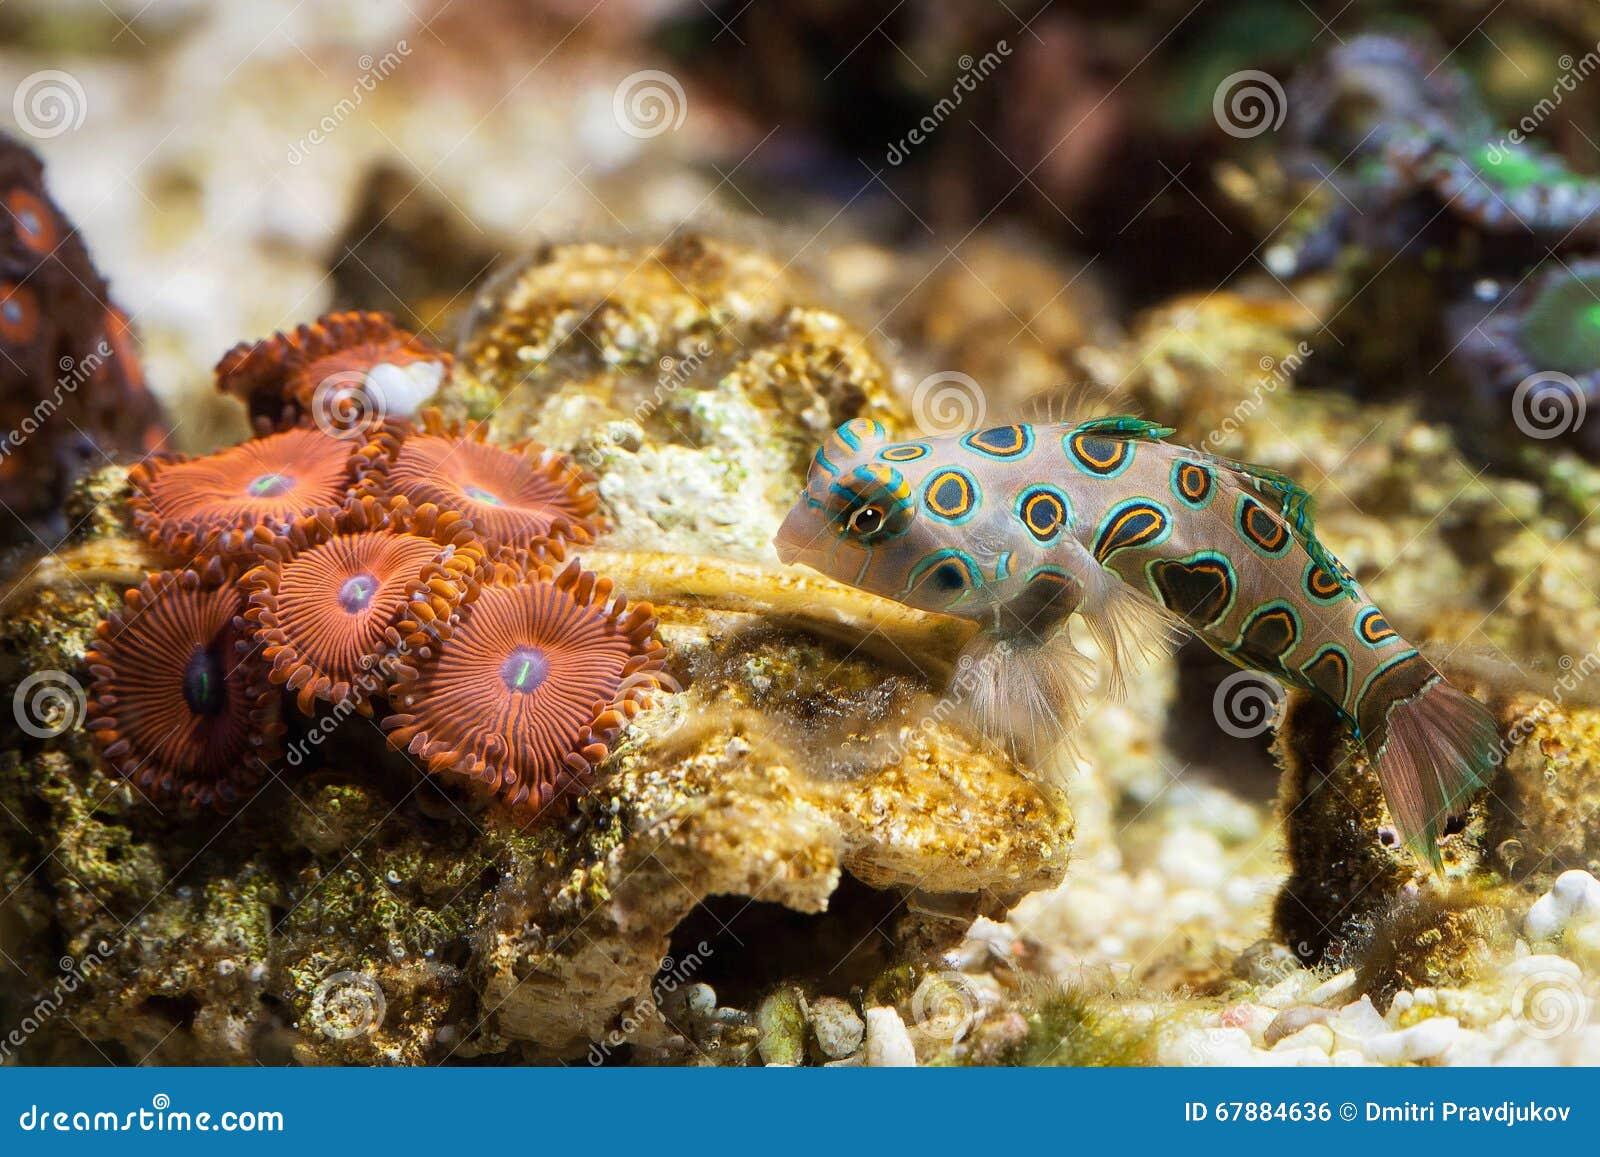 鱼 Dragonet mandarinfish (Synchiropus splendidus)游泳